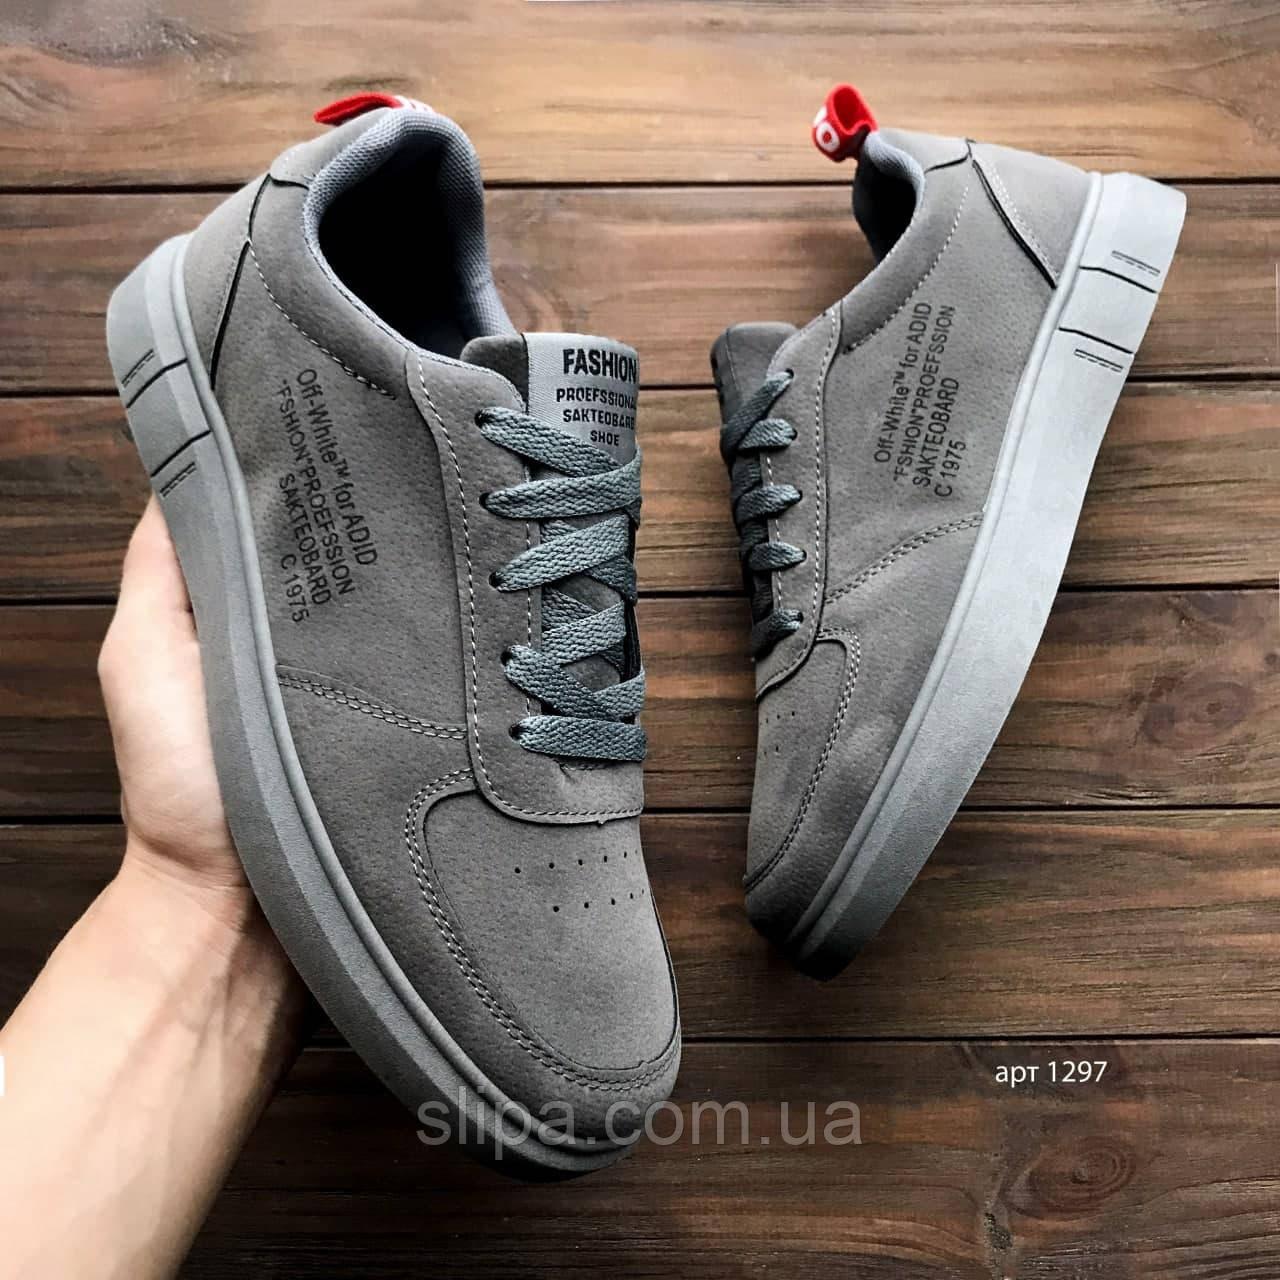 Чоловічі кросівки Off-White Adid Grey